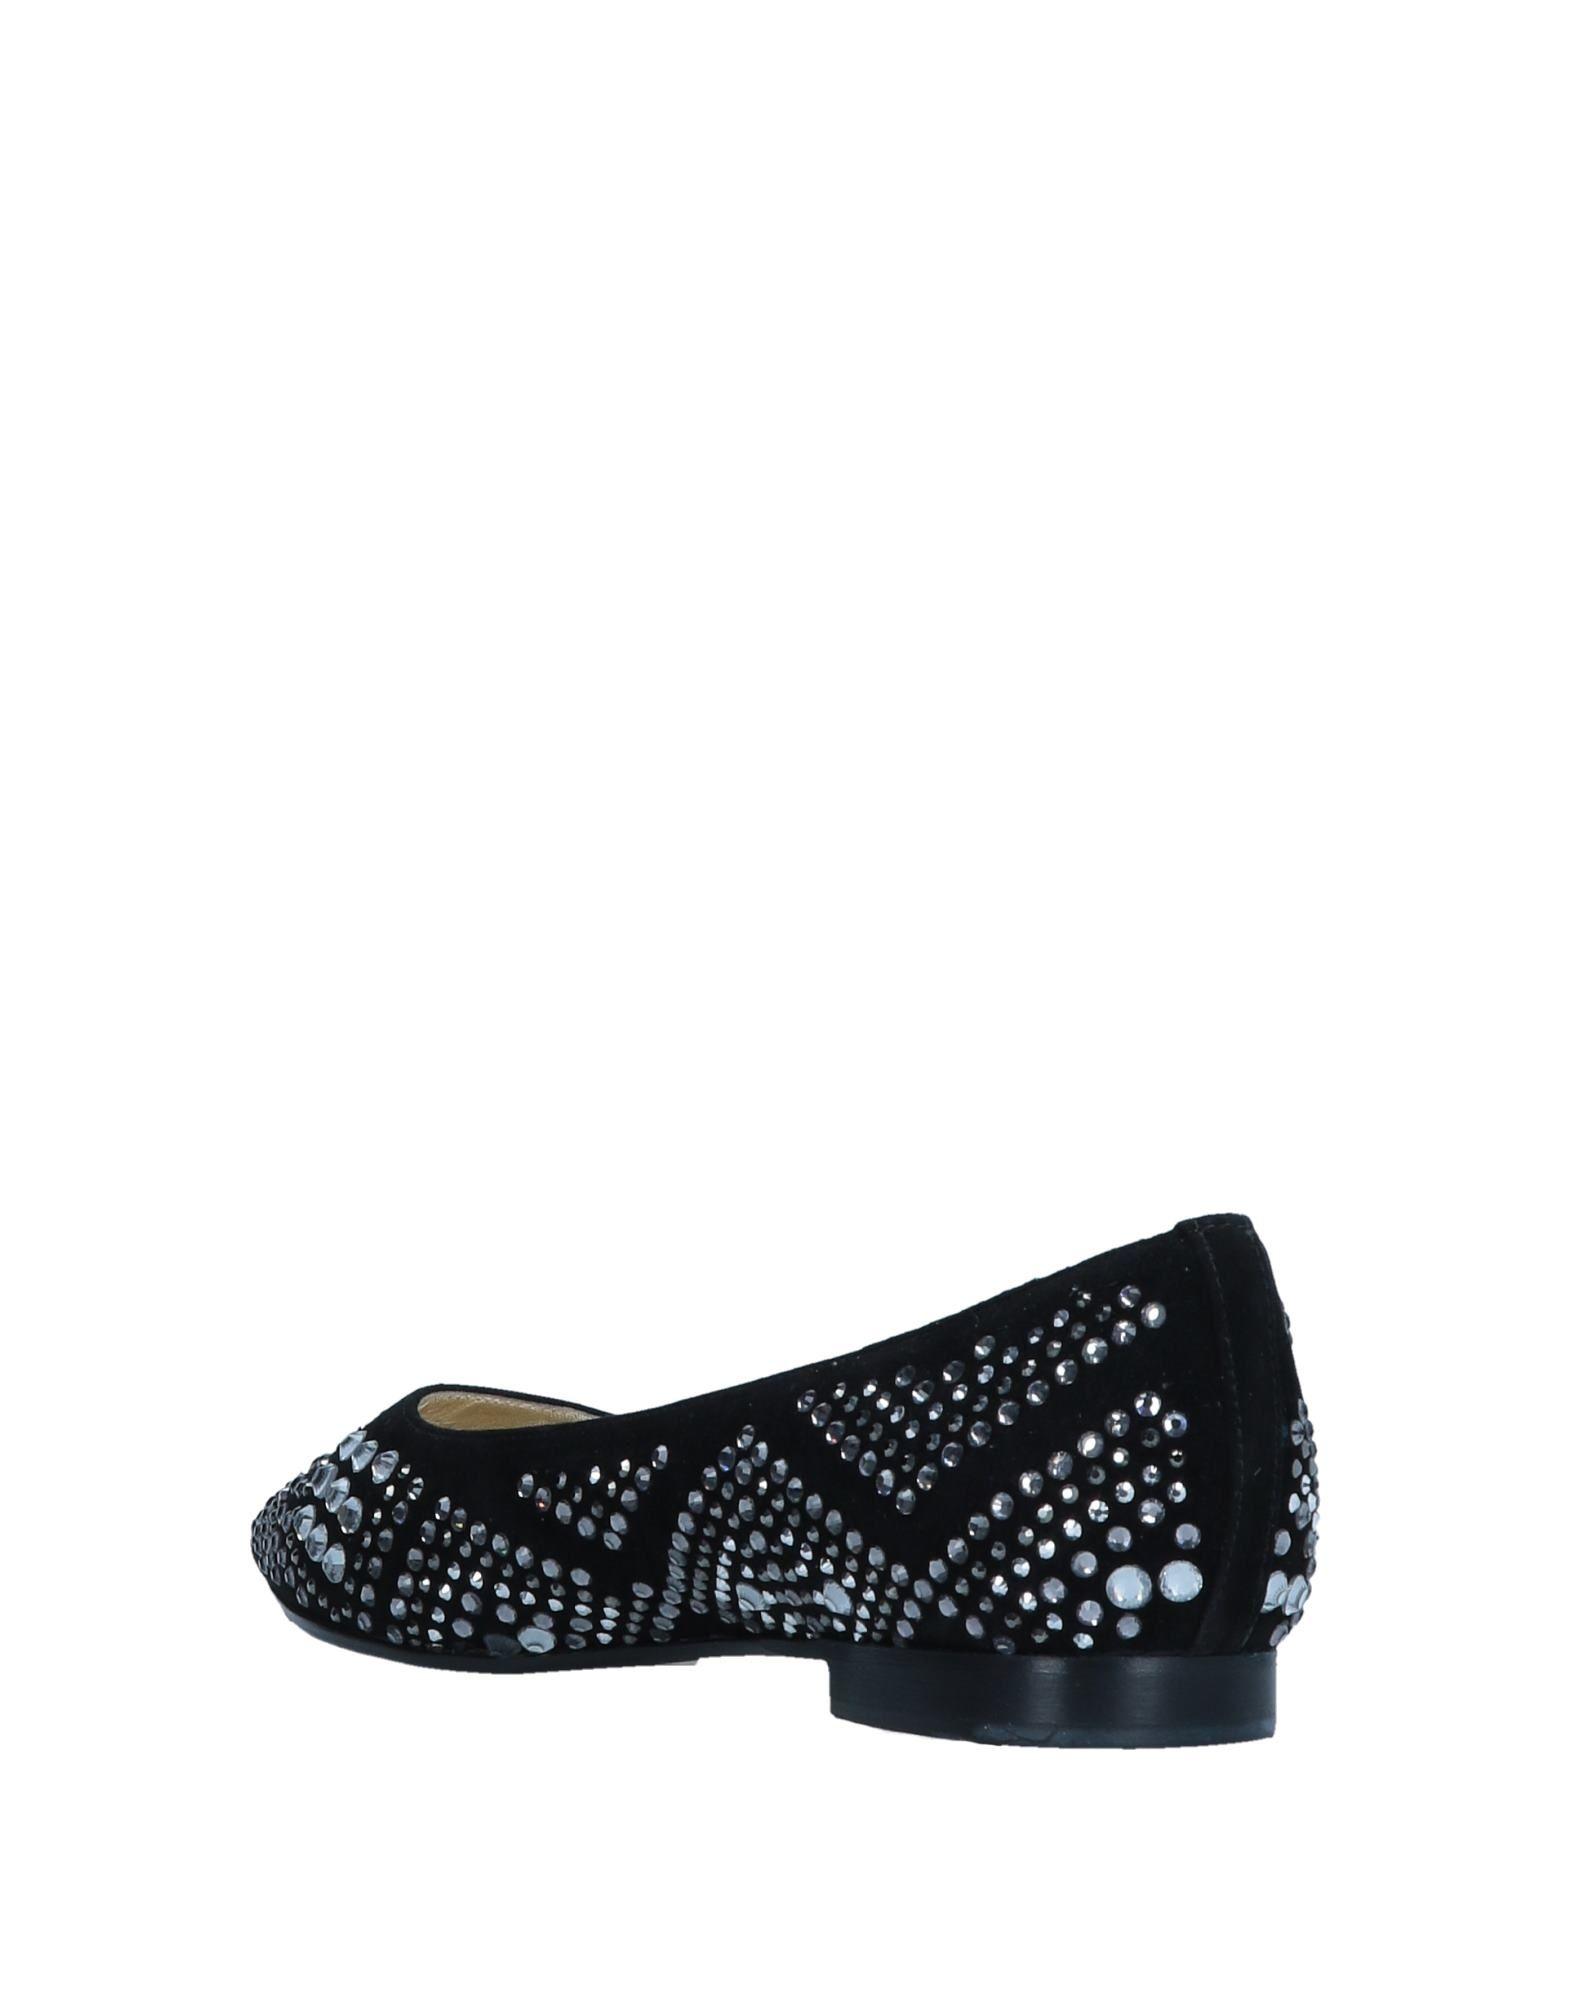 Gut um Ballerinas billige Schuhe zu tragenCaiman Ballerinas um Damen  11546980GR 37f104